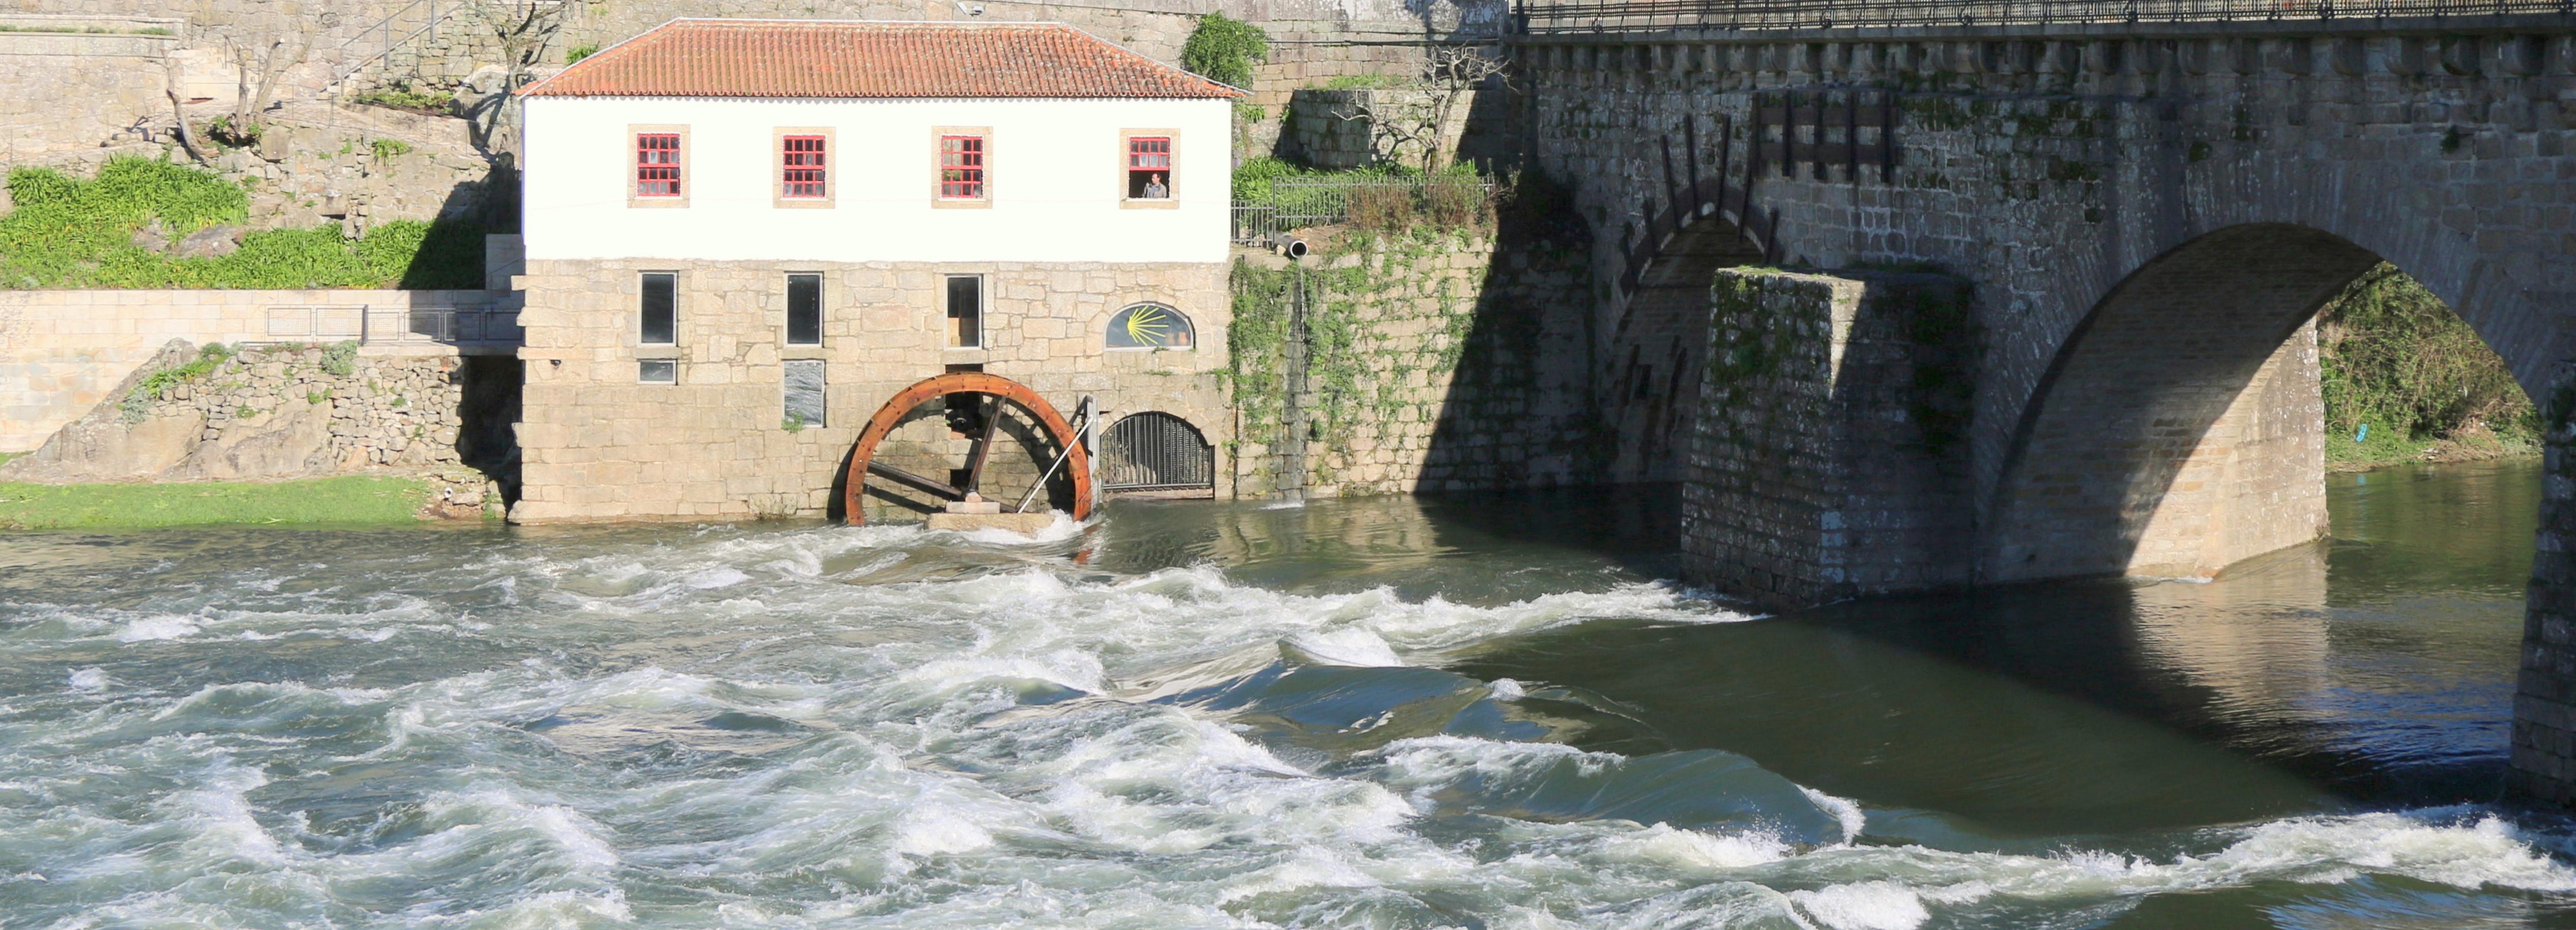 À Roda do Rio regressa com nova exposição dedicada ao rio Cávado